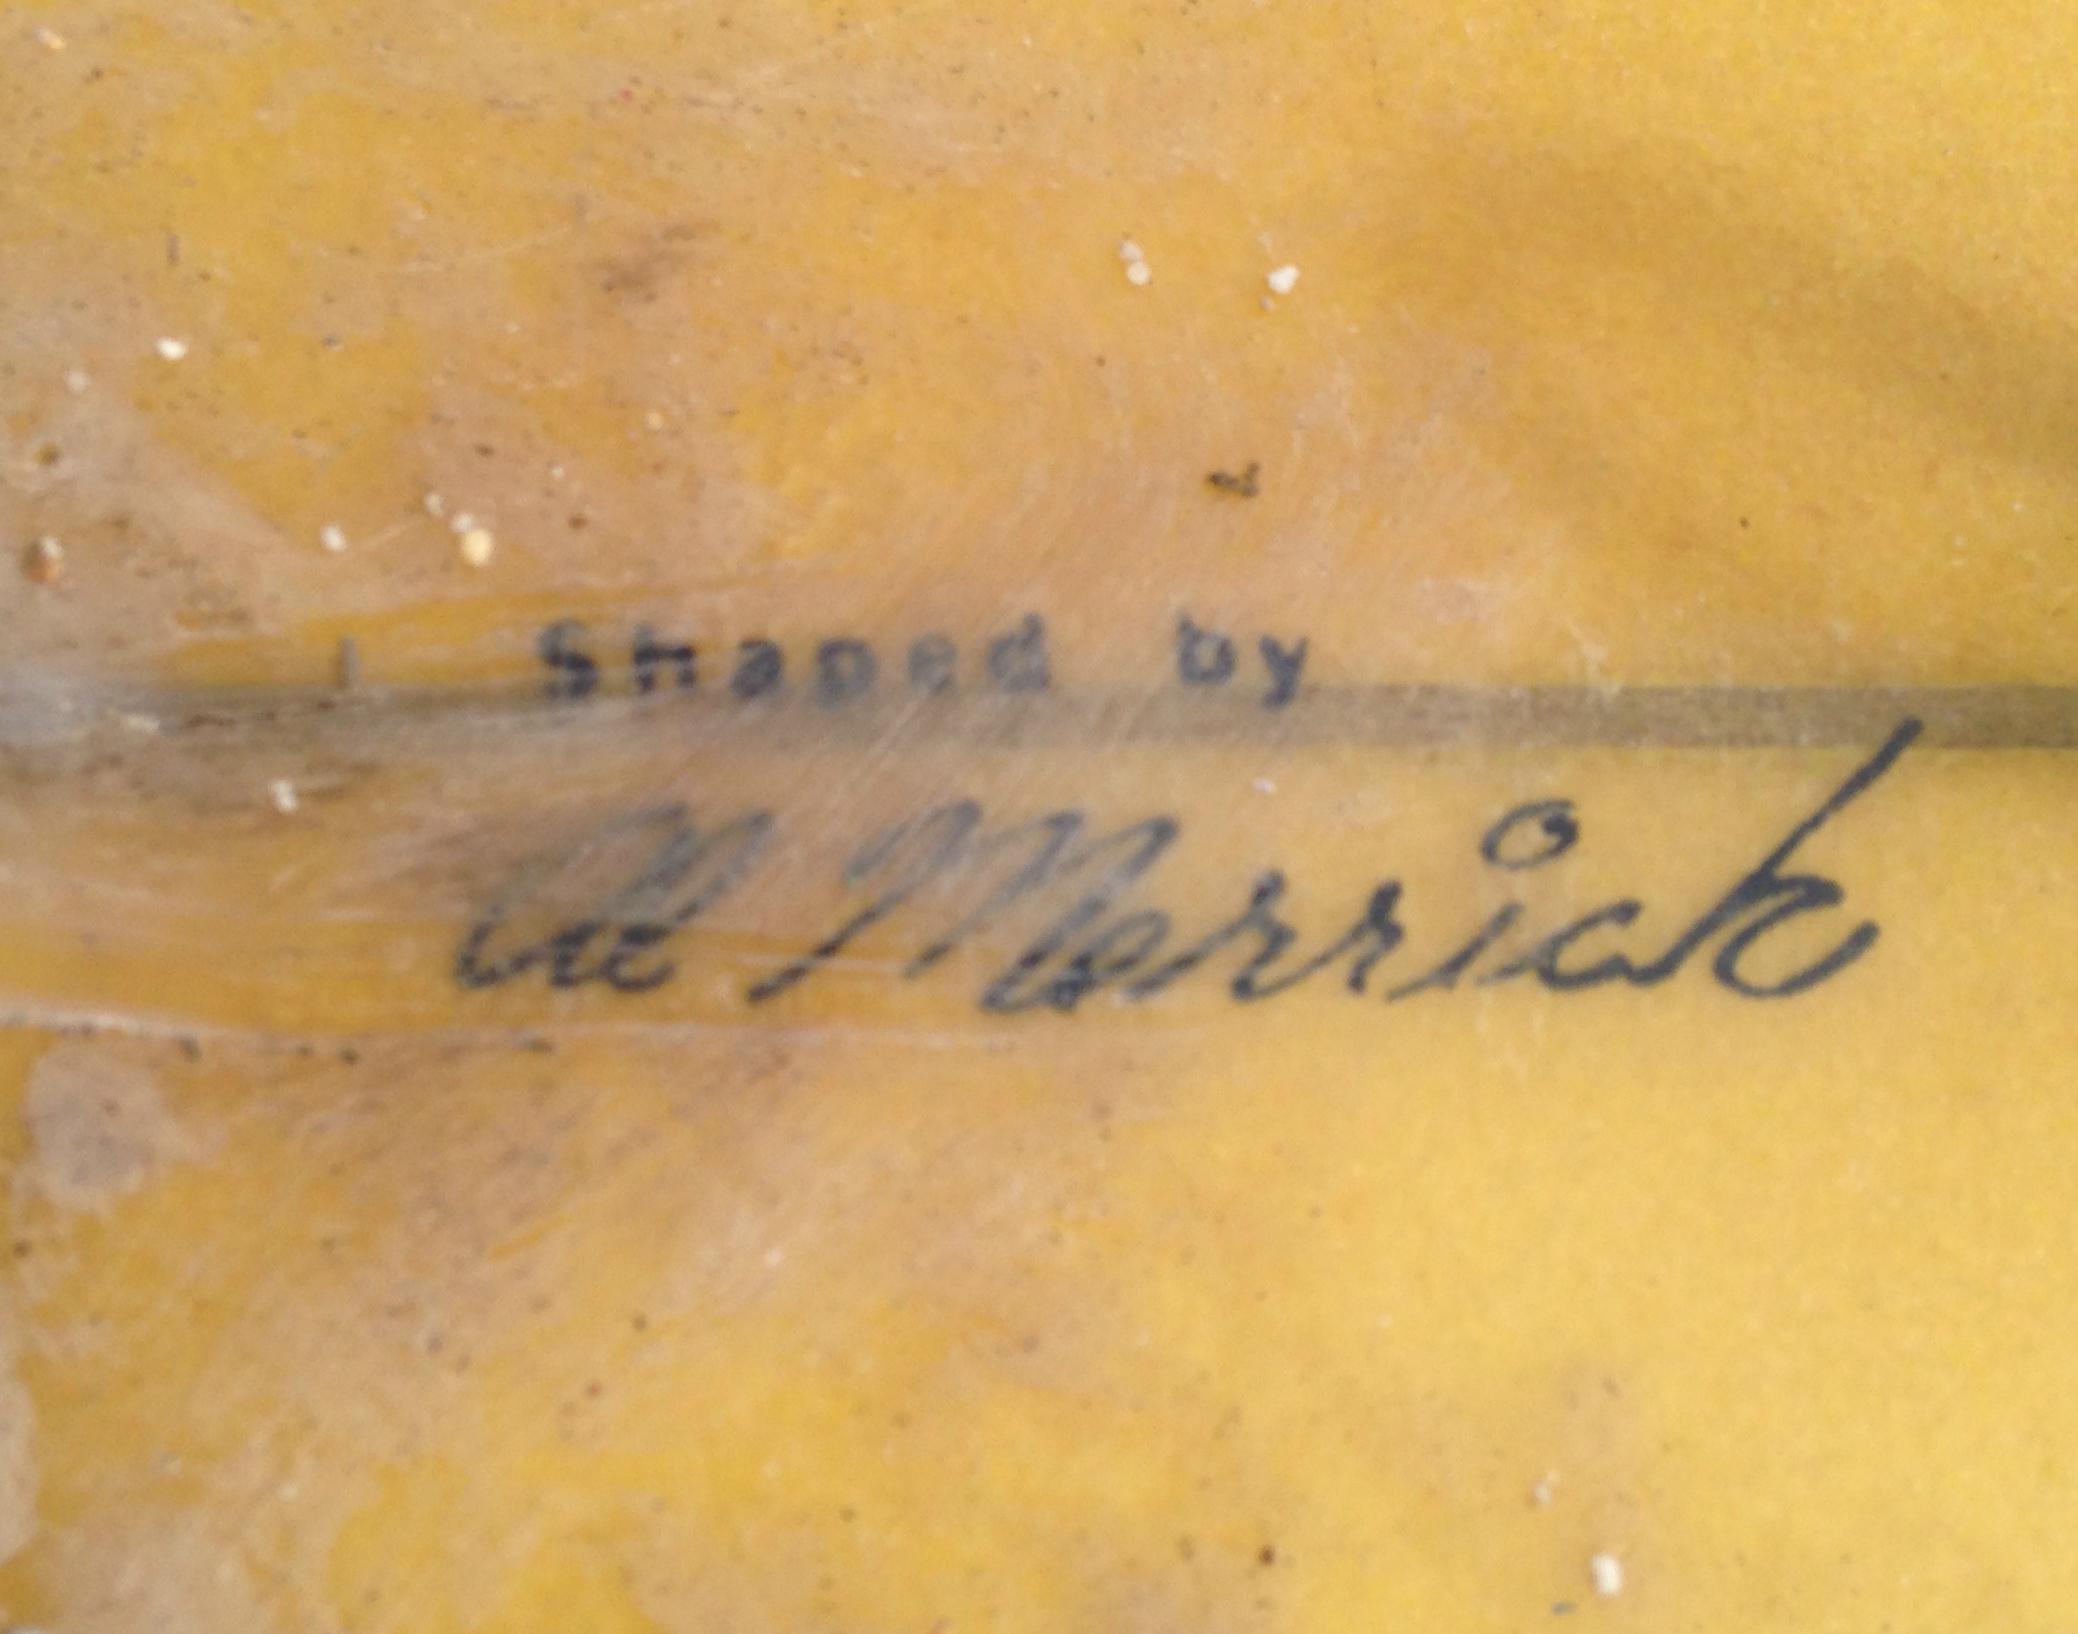 Al Merrick Stamped Signature